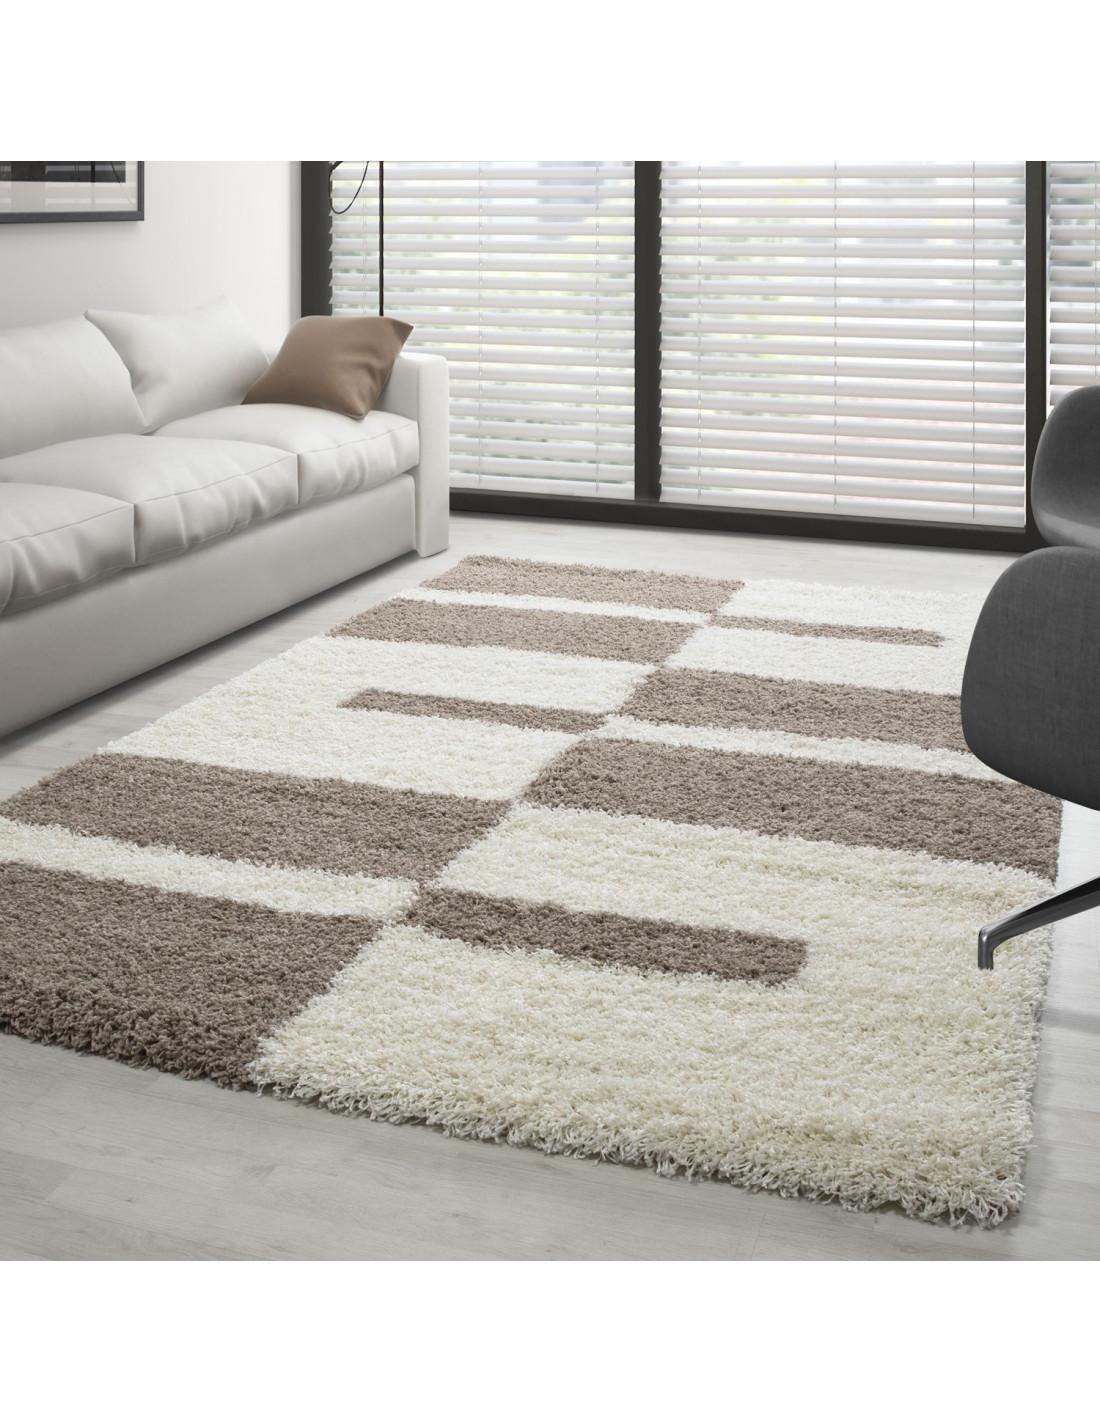 Hochflor Langflor Shaggy Designer Teppich verschiedene Größen Beige